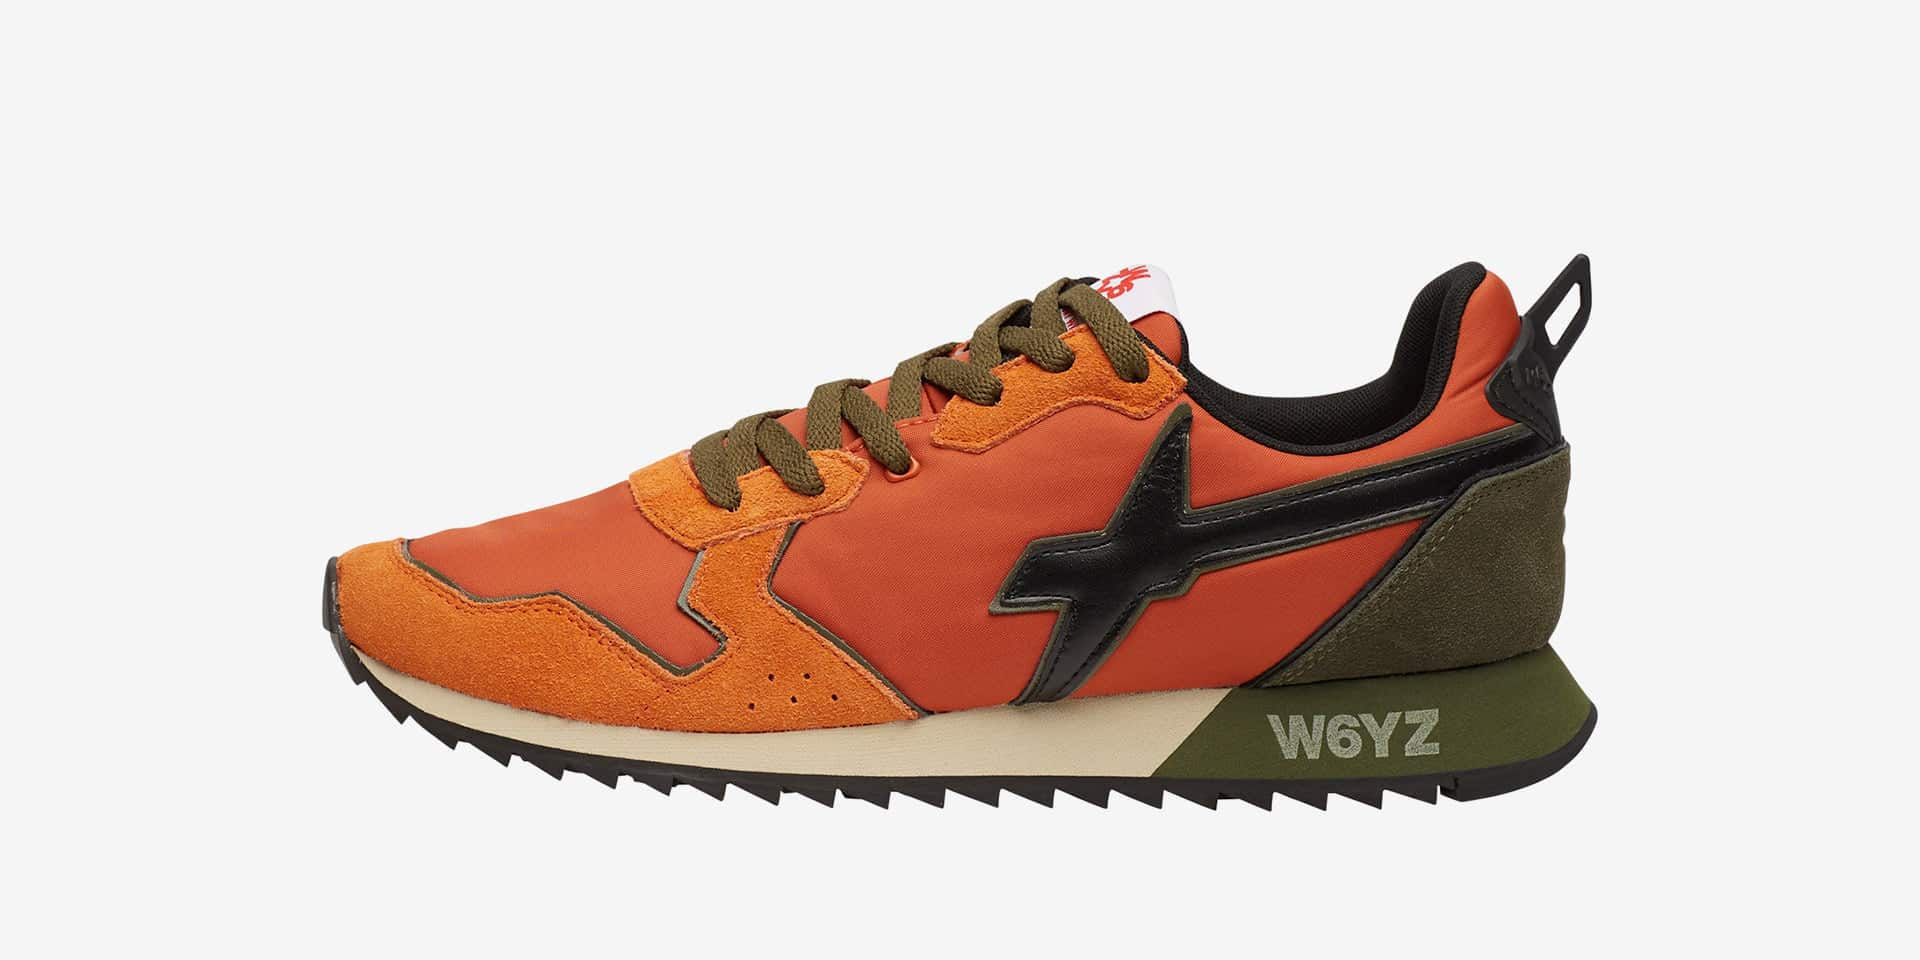 JET-M. - Sneakers in pelle e tessuto - Arancio/Nero